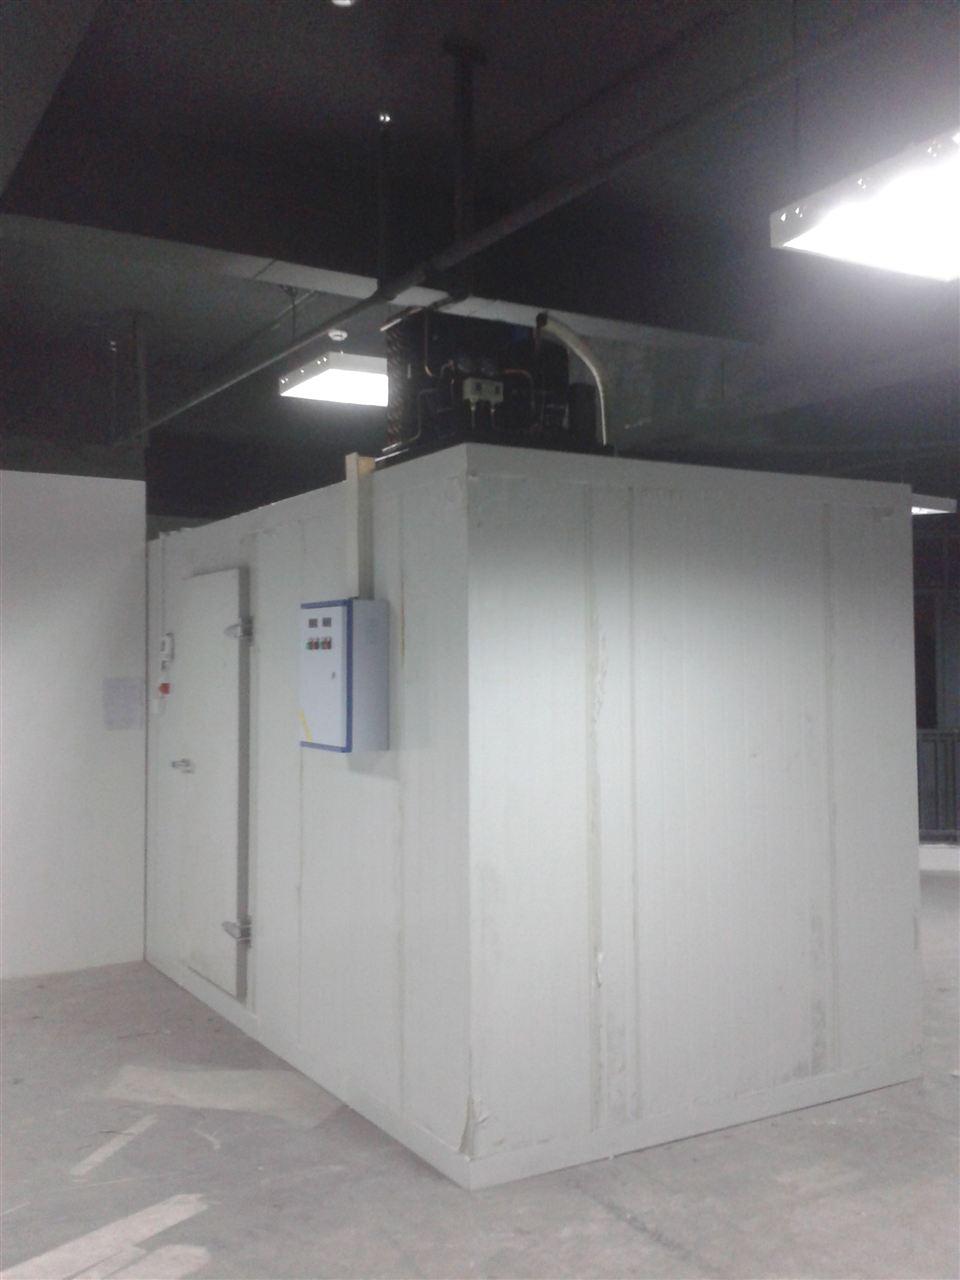 冷库安装公司 杭州冷库安装,食品冷库,冷库安装公司—